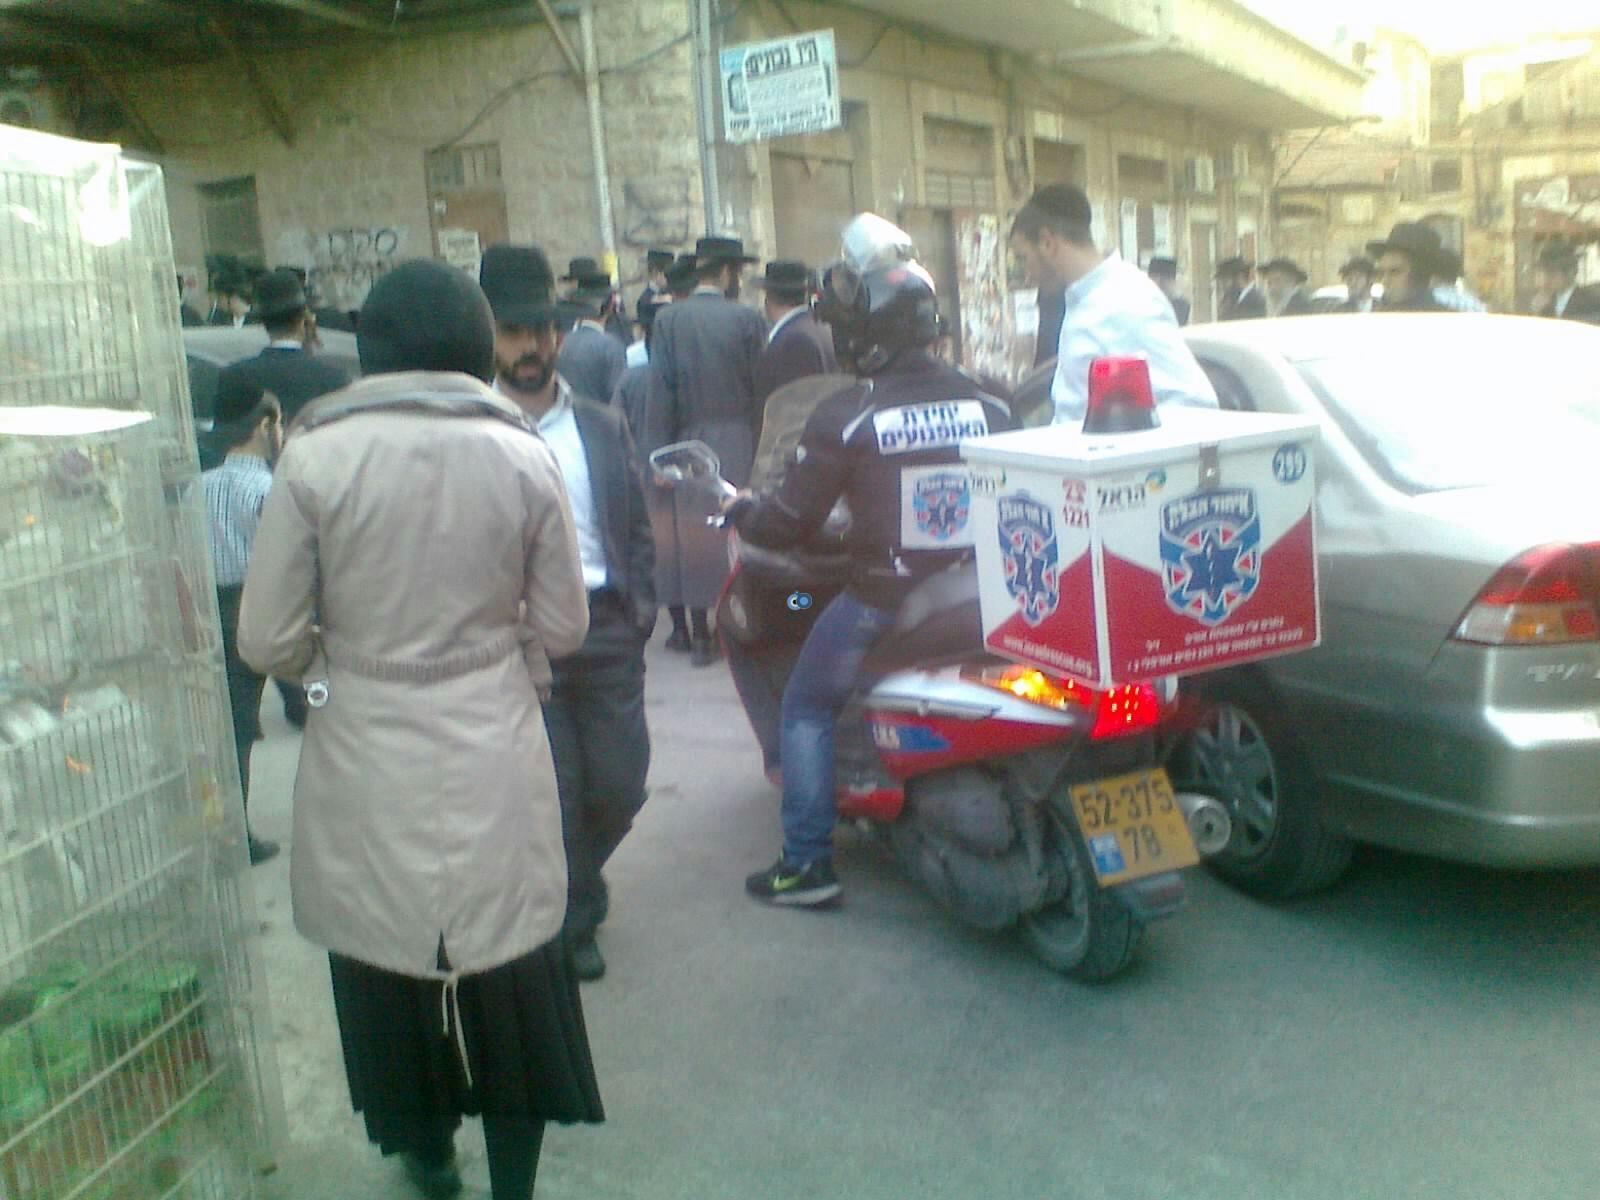 ילד פצוע בינוני מרכב מאה שערים צילם שלמה טרוייבן 24 (4)